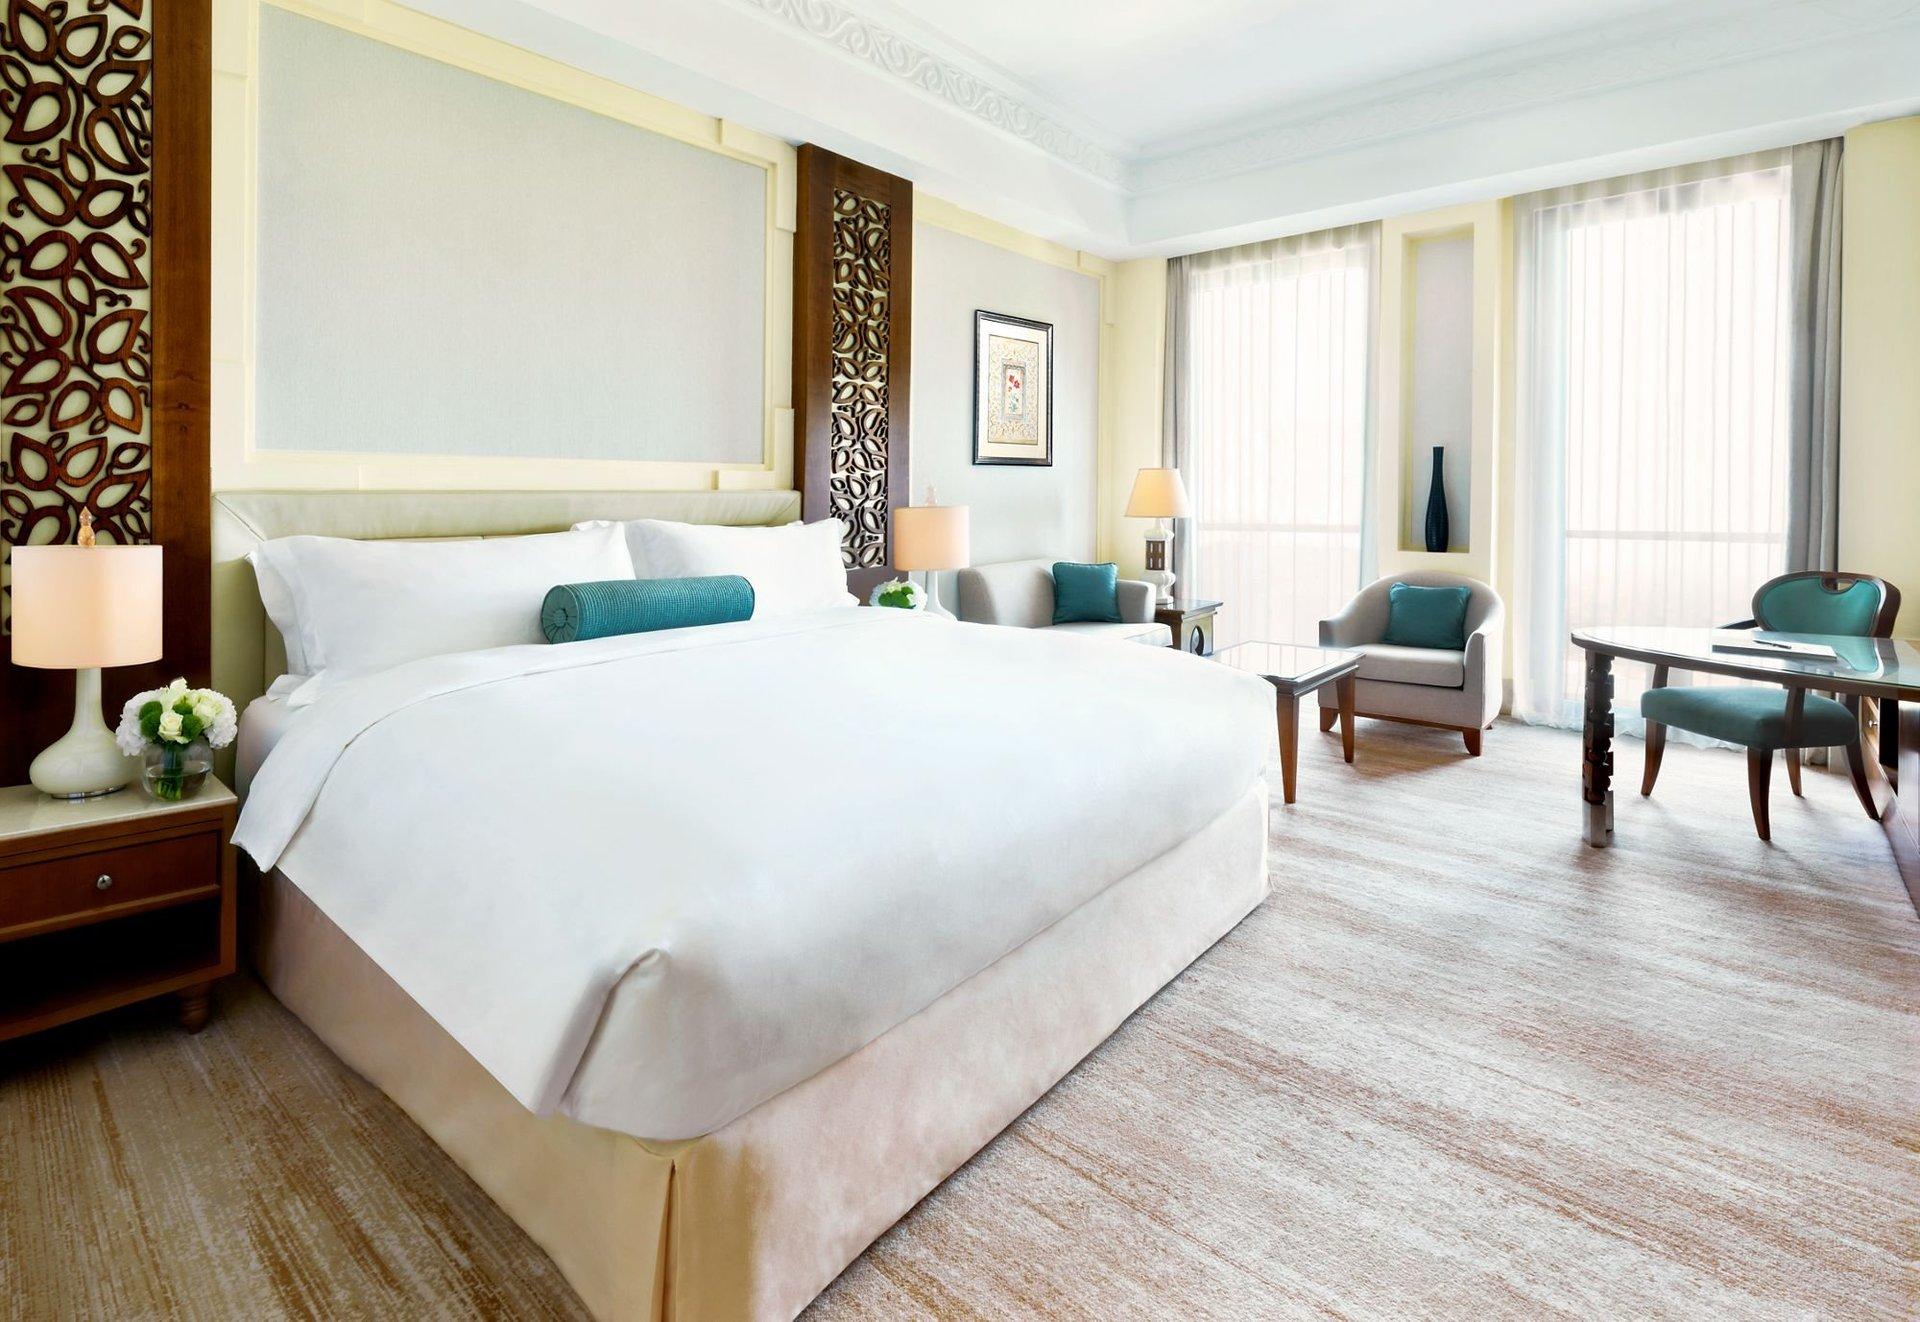 Hotel Al Bustan Palace luxe kamer - Muscat